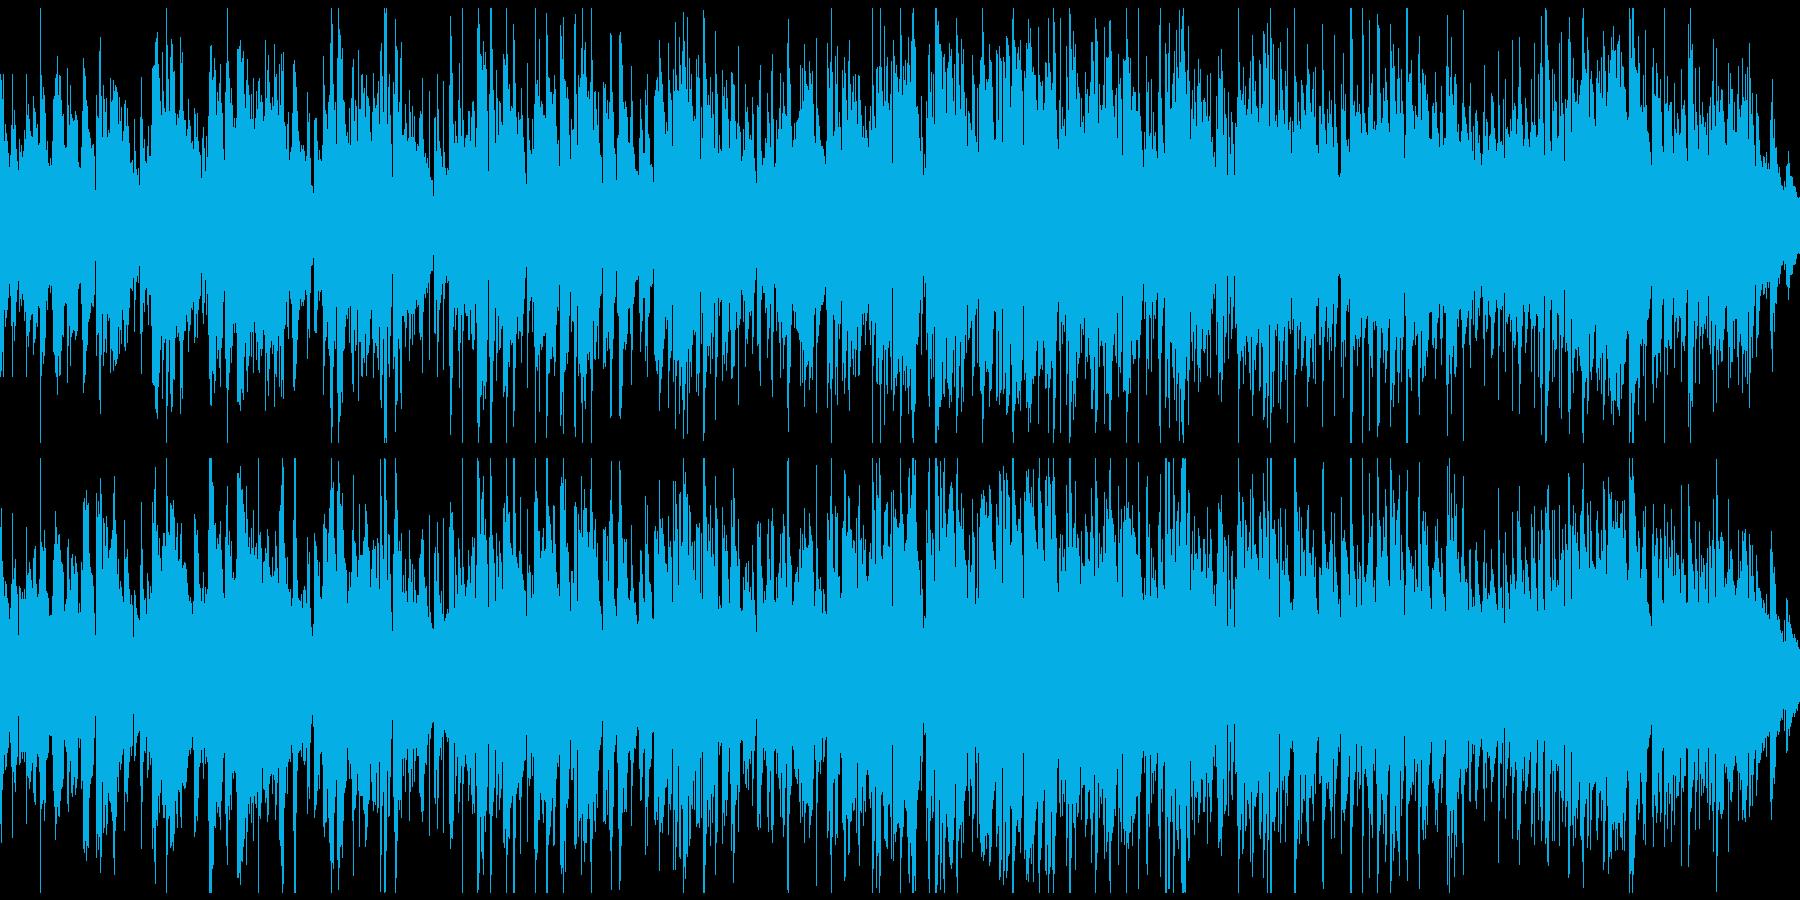 切ないアコースティックジャズ ※ループ版の再生済みの波形